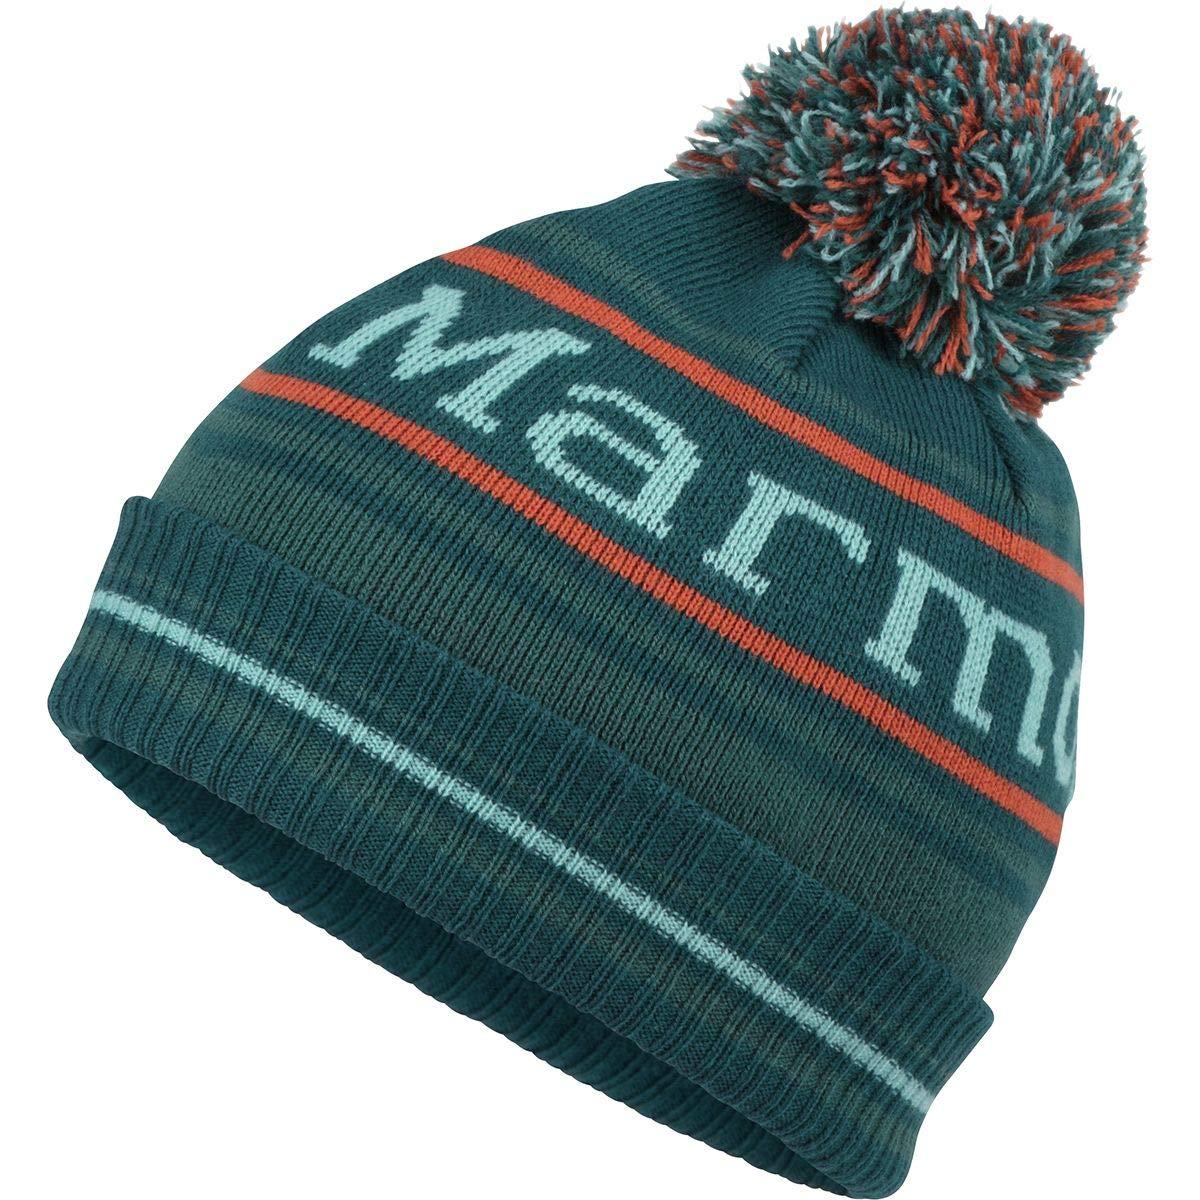 Amazon.com  Marmot Retro Pom Hat - Boys  Deep Teal 156c96d9009e